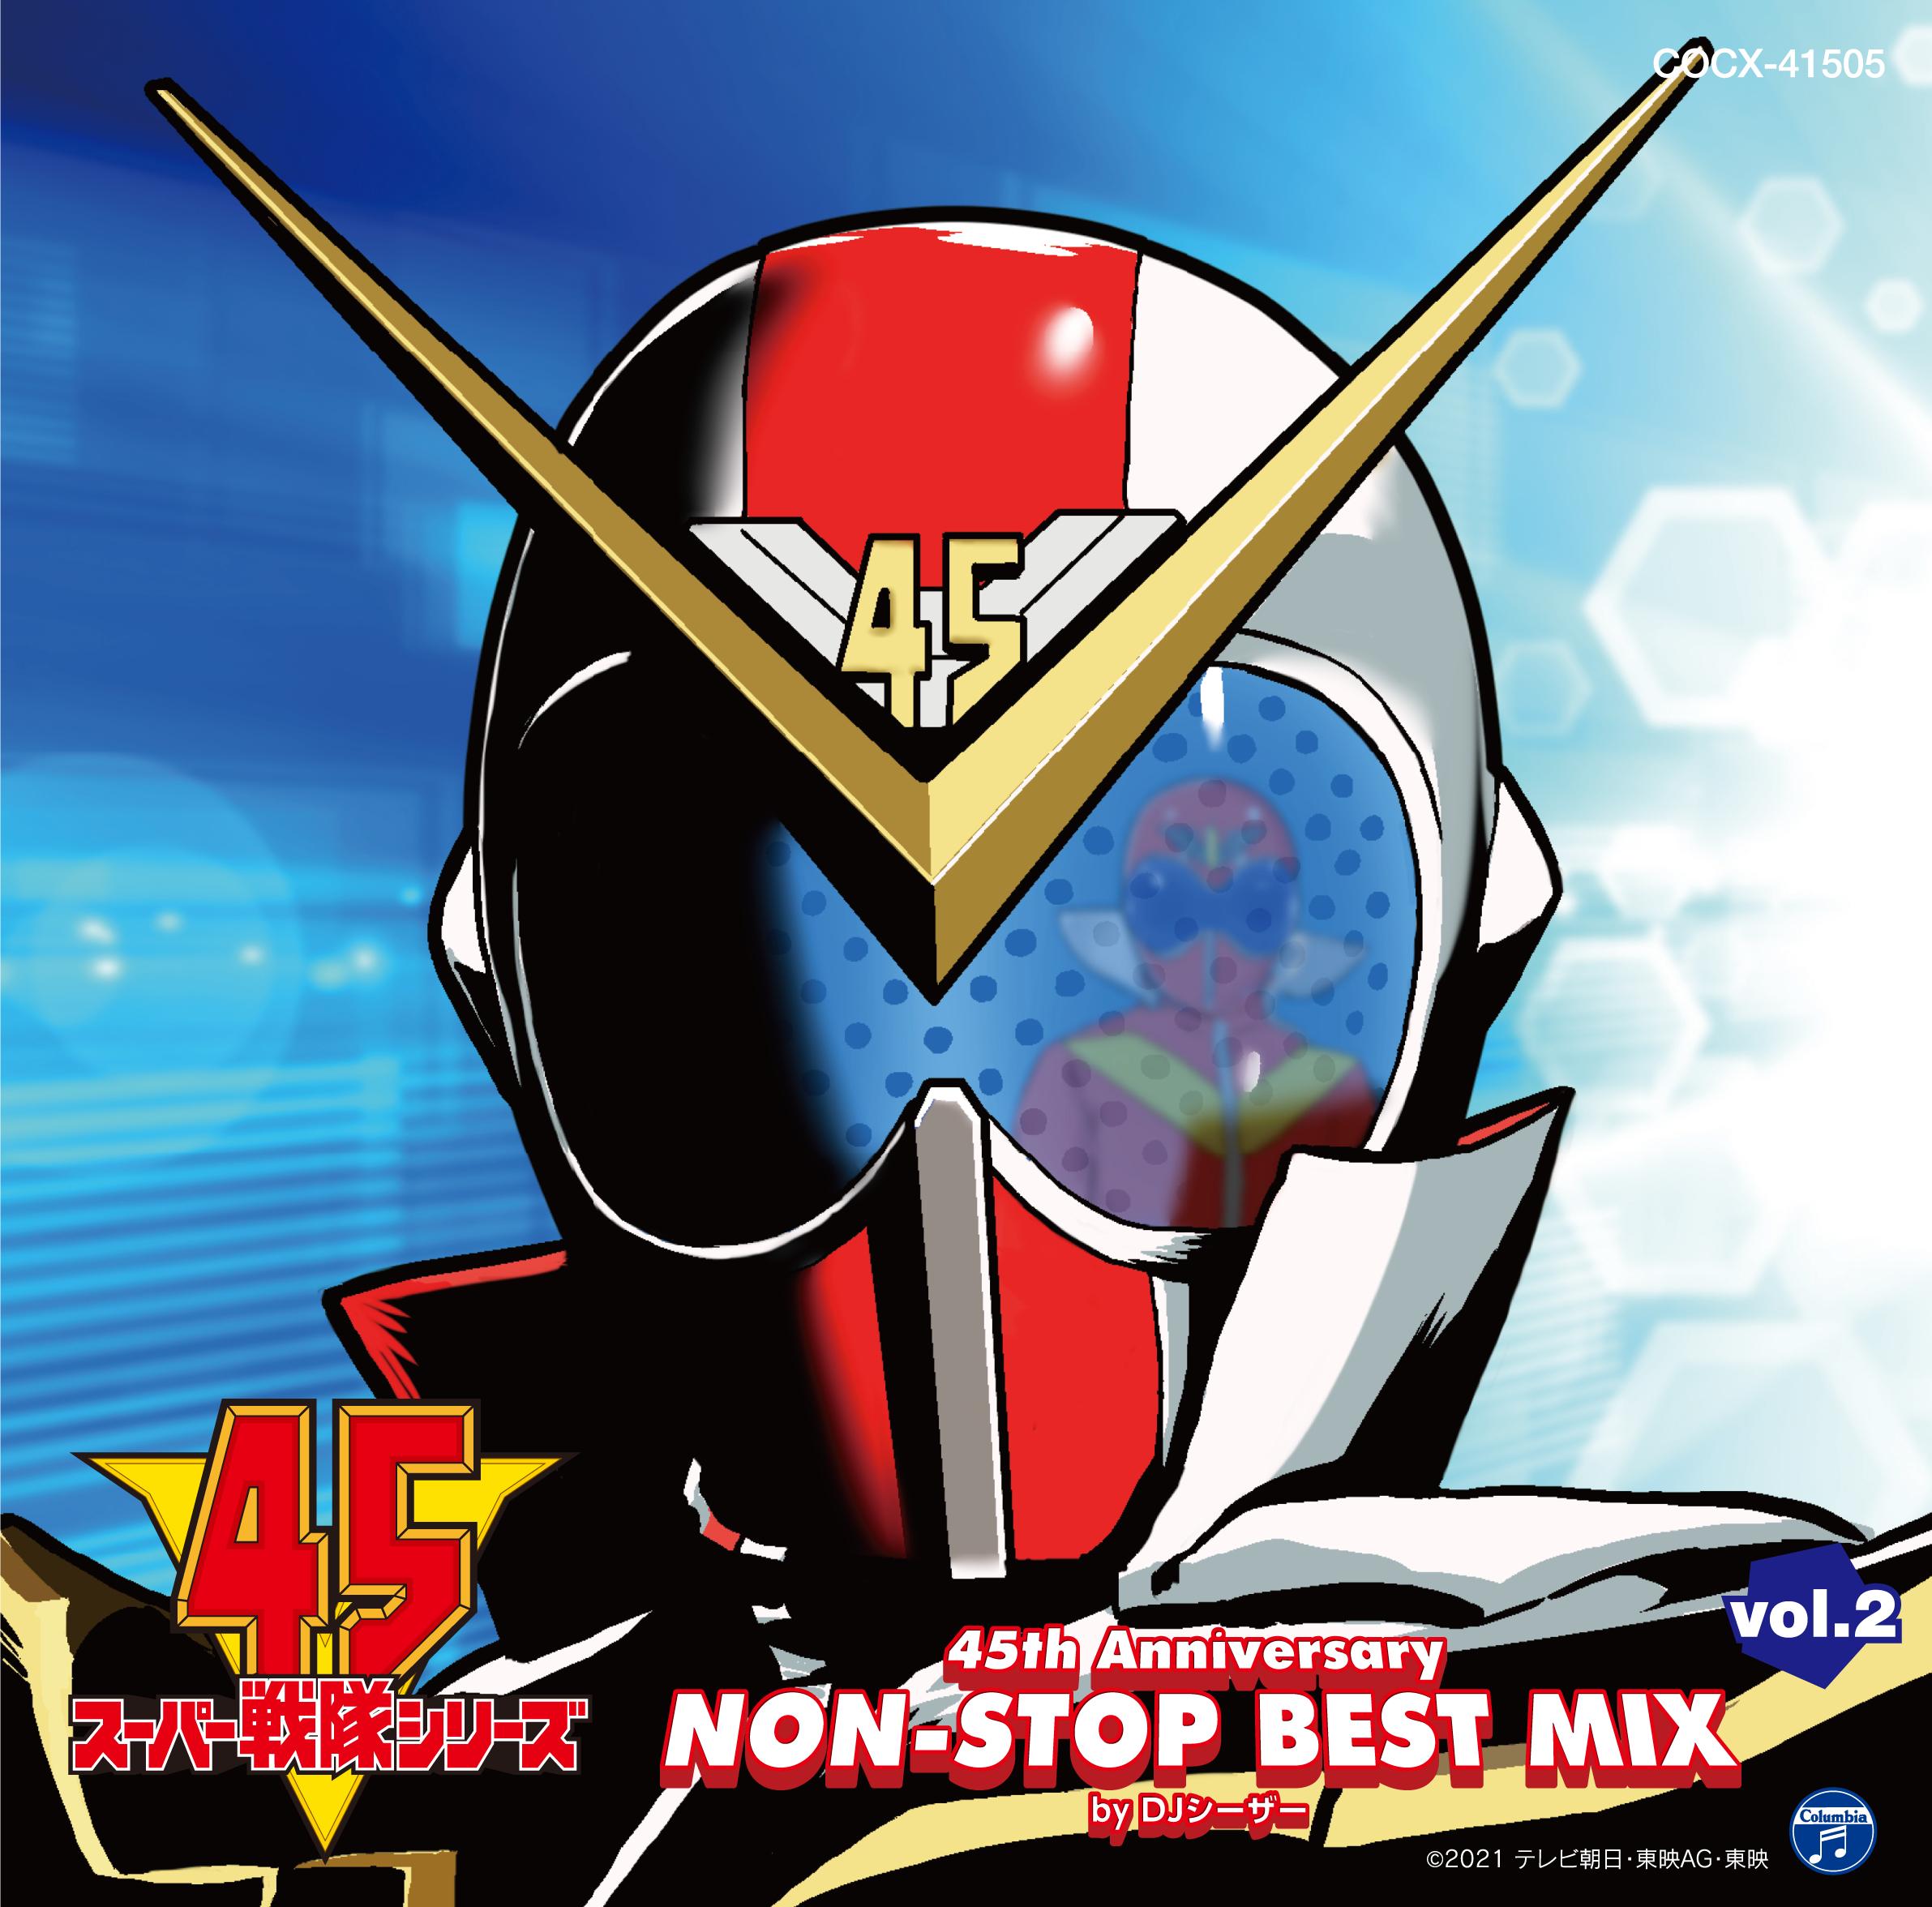 スーパー戦隊シリーズ 45th Anniversary NON-STOP BEST MIX vol.2 by DJシーザー ジャケット (c) 2021 テレビ朝日・東映AG・東映